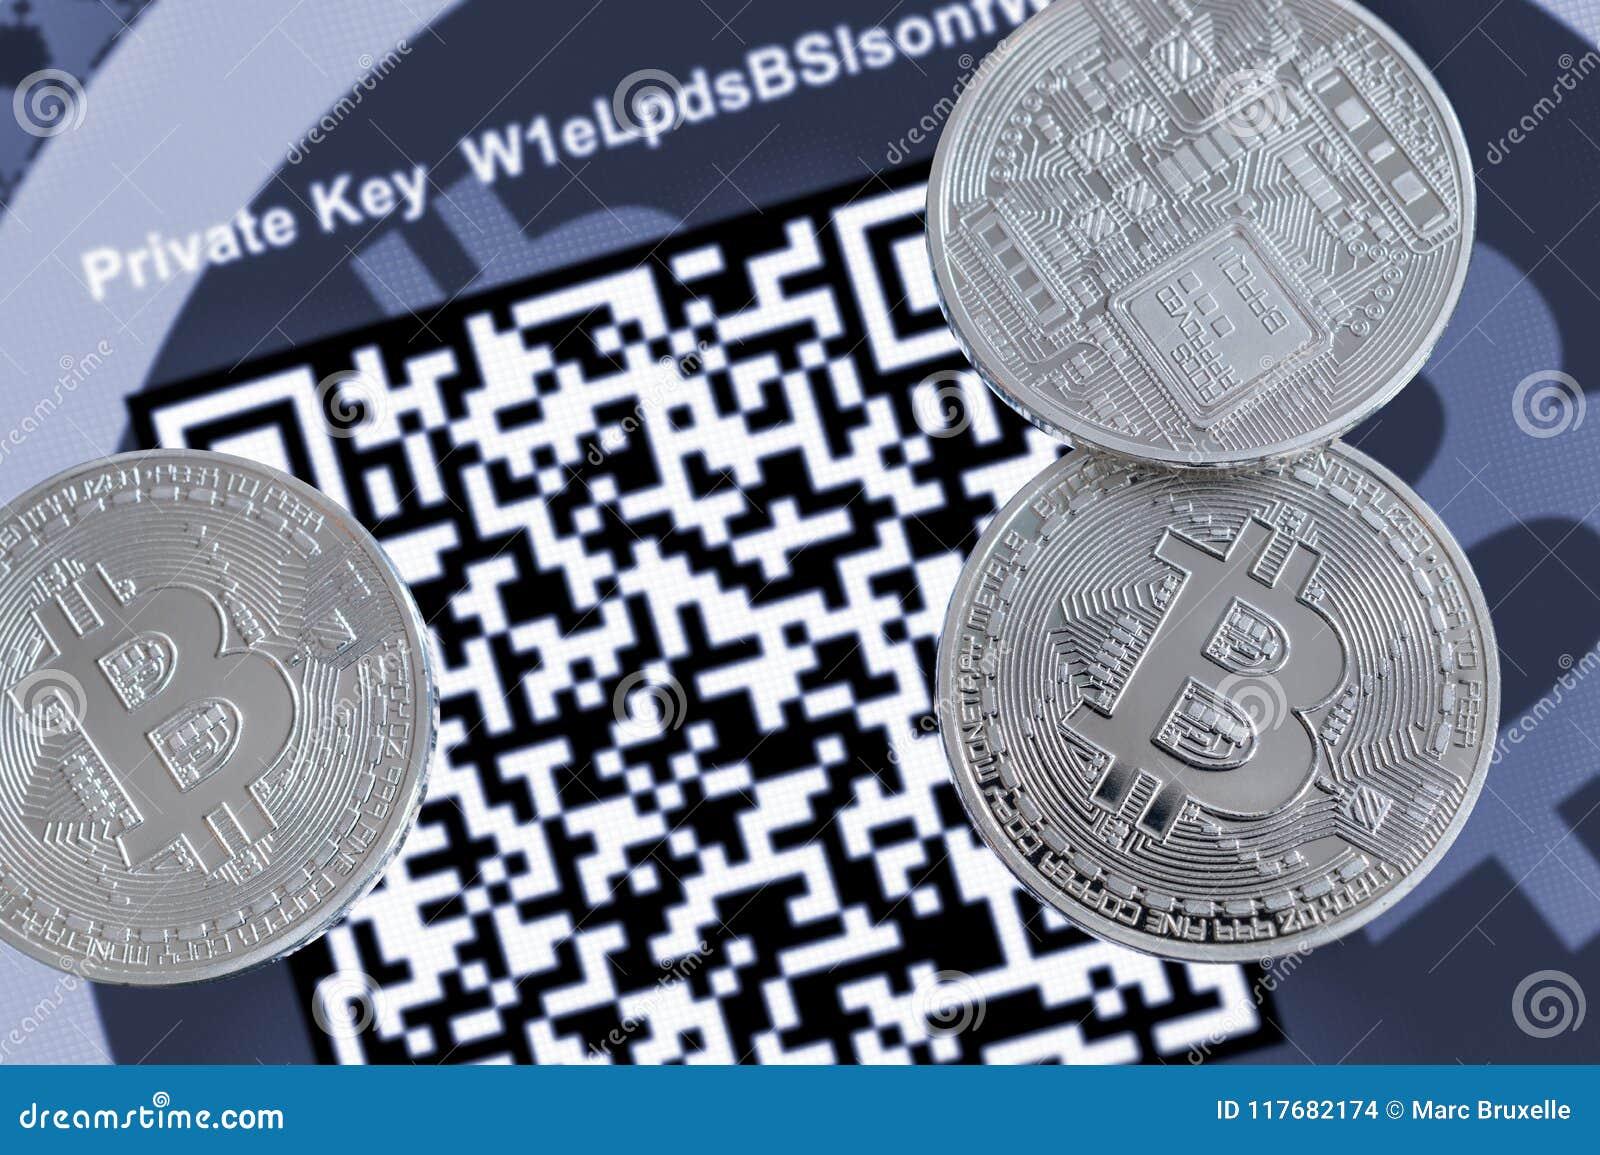 codice valuta bitcoin